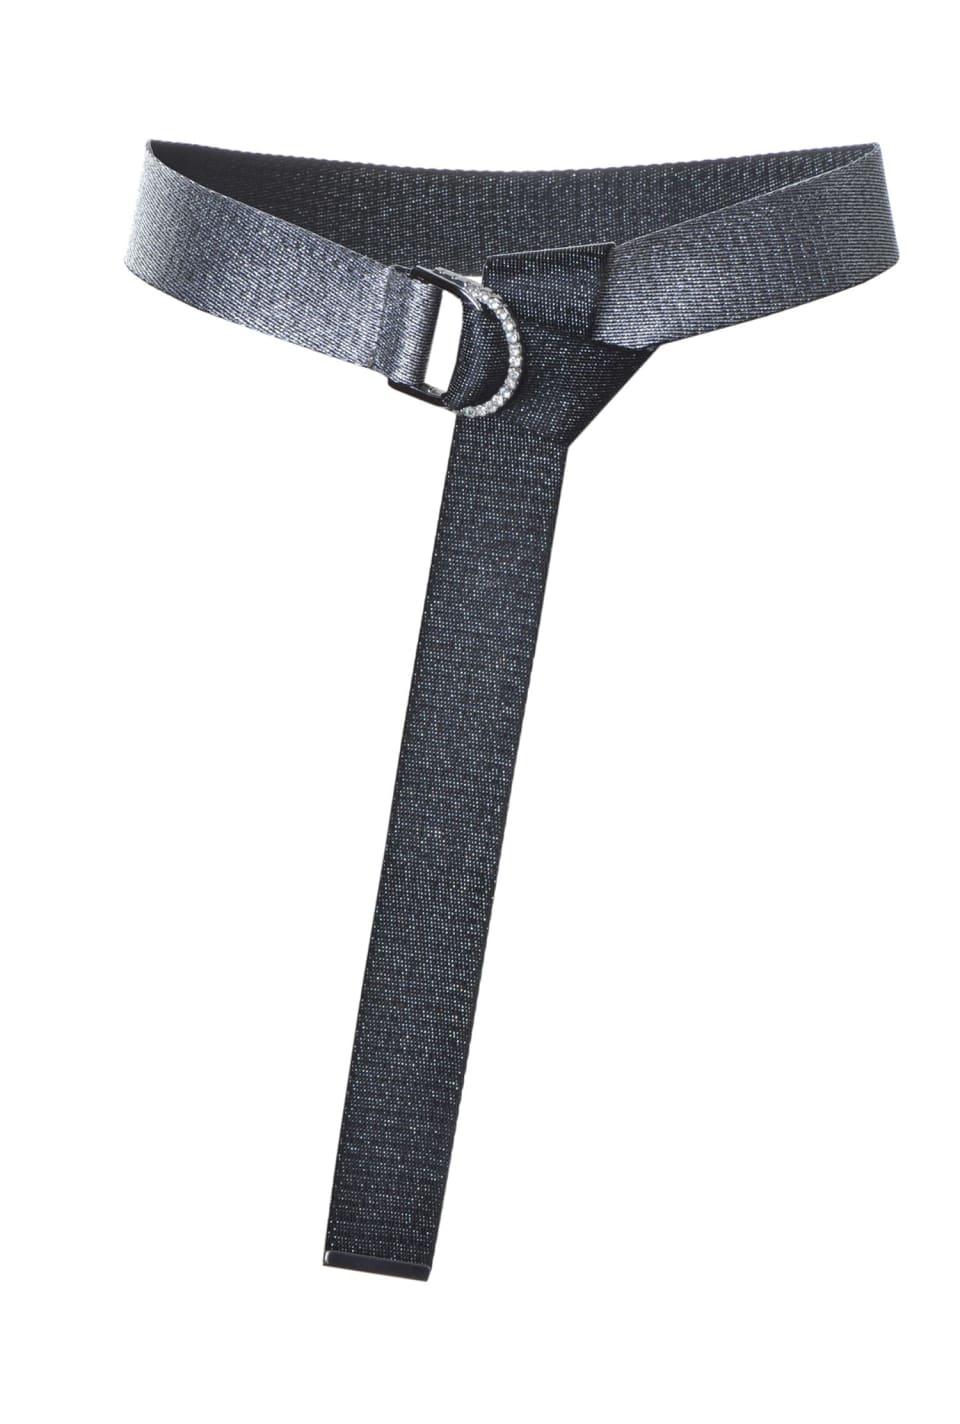 Cinturón de cinta de lúrex